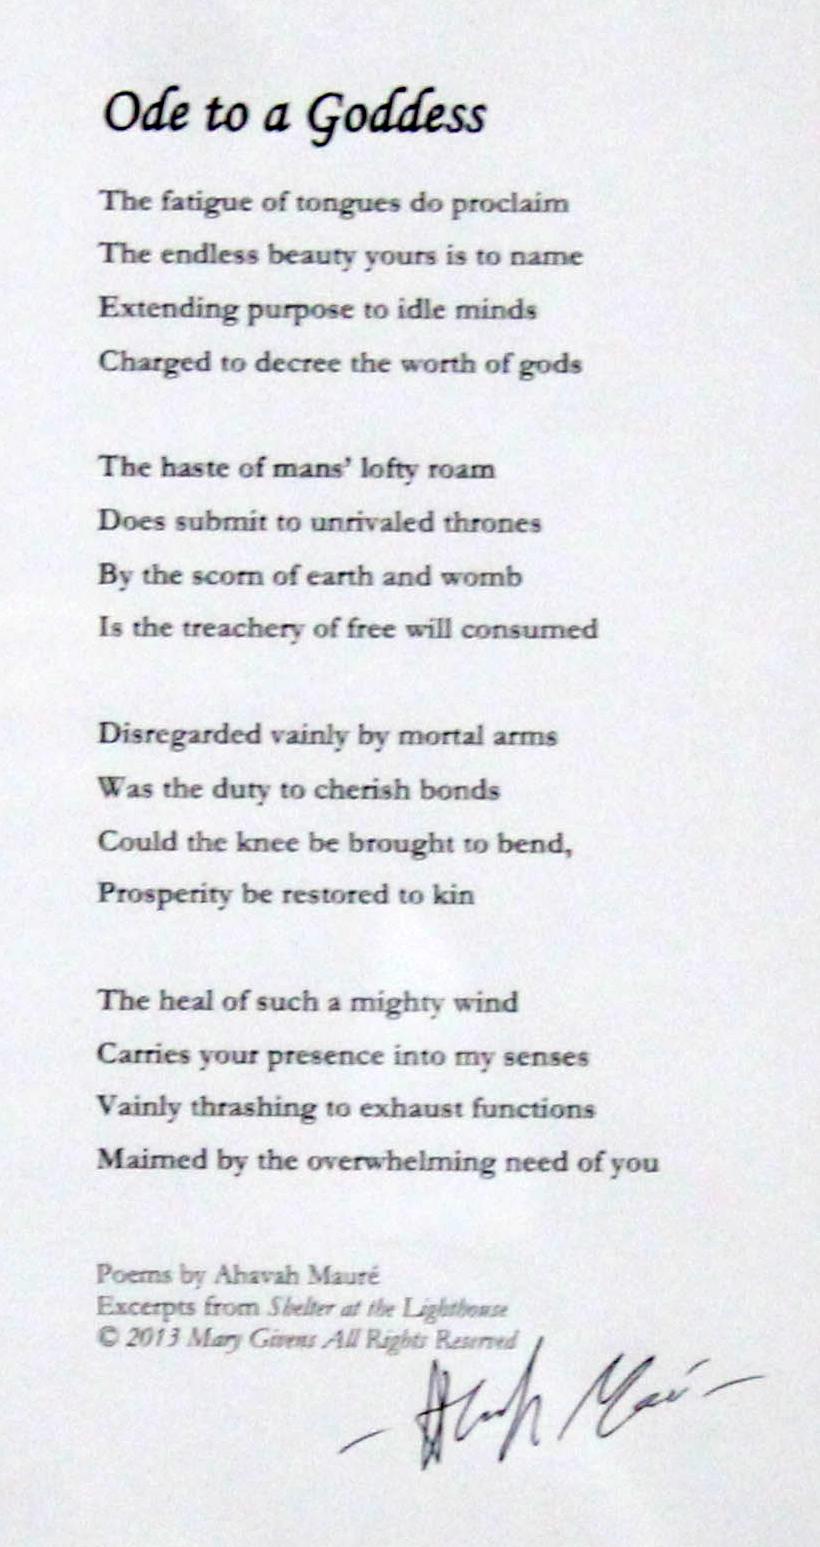 Poem-Ode